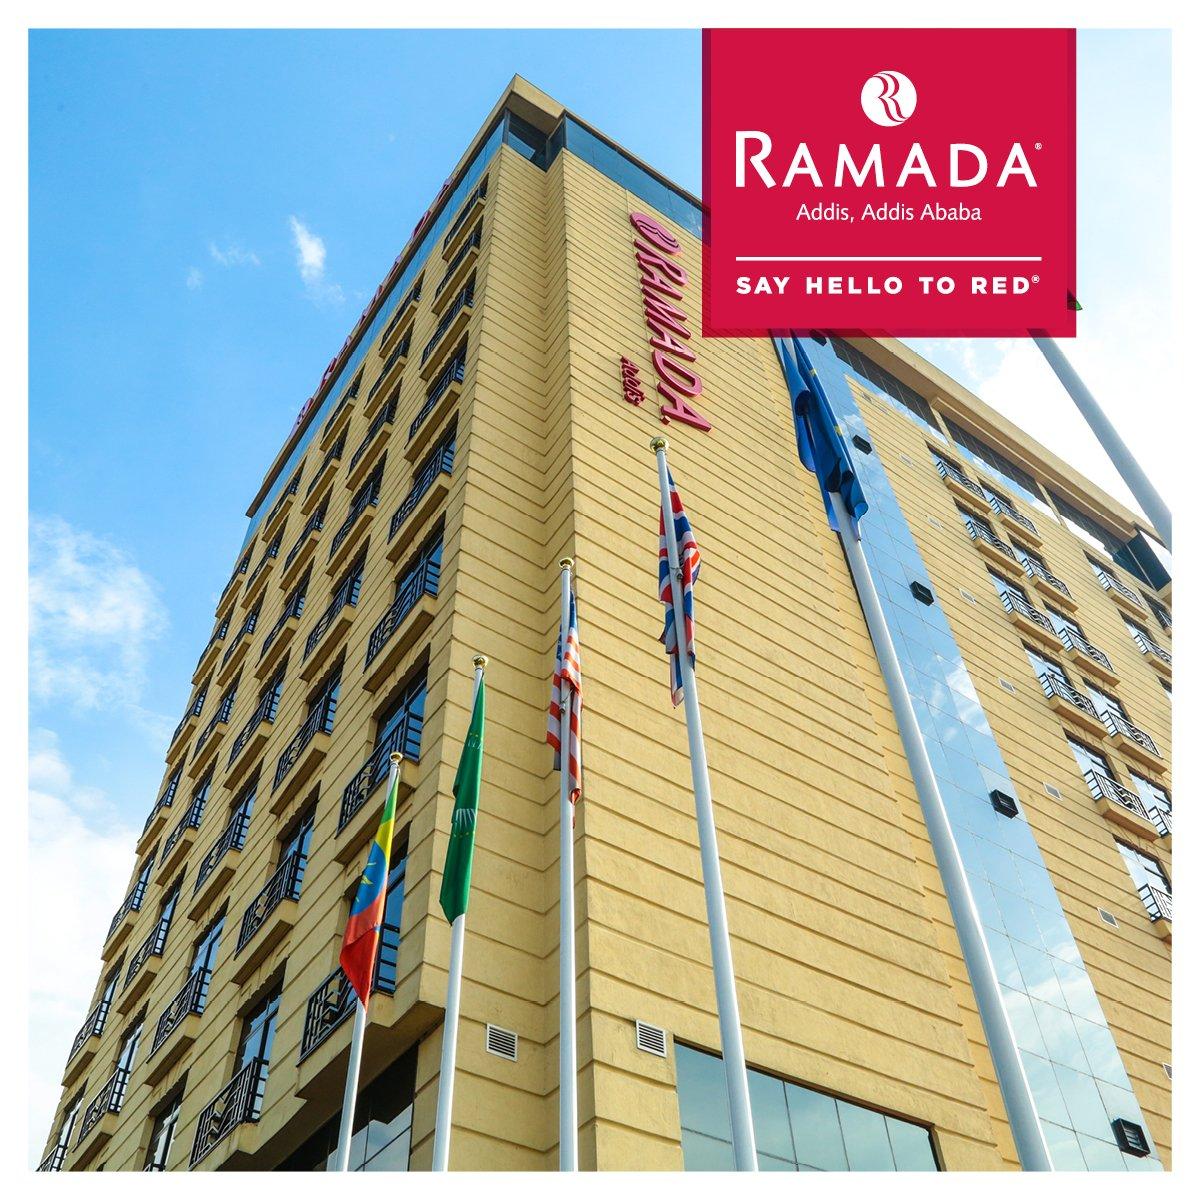 埃塞俄比亚-Ramada酒店